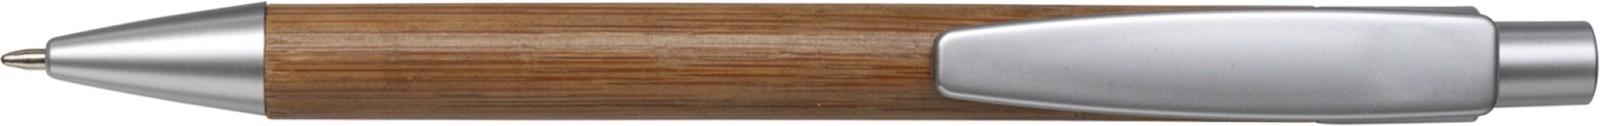 Bamboo ballpen - Silver